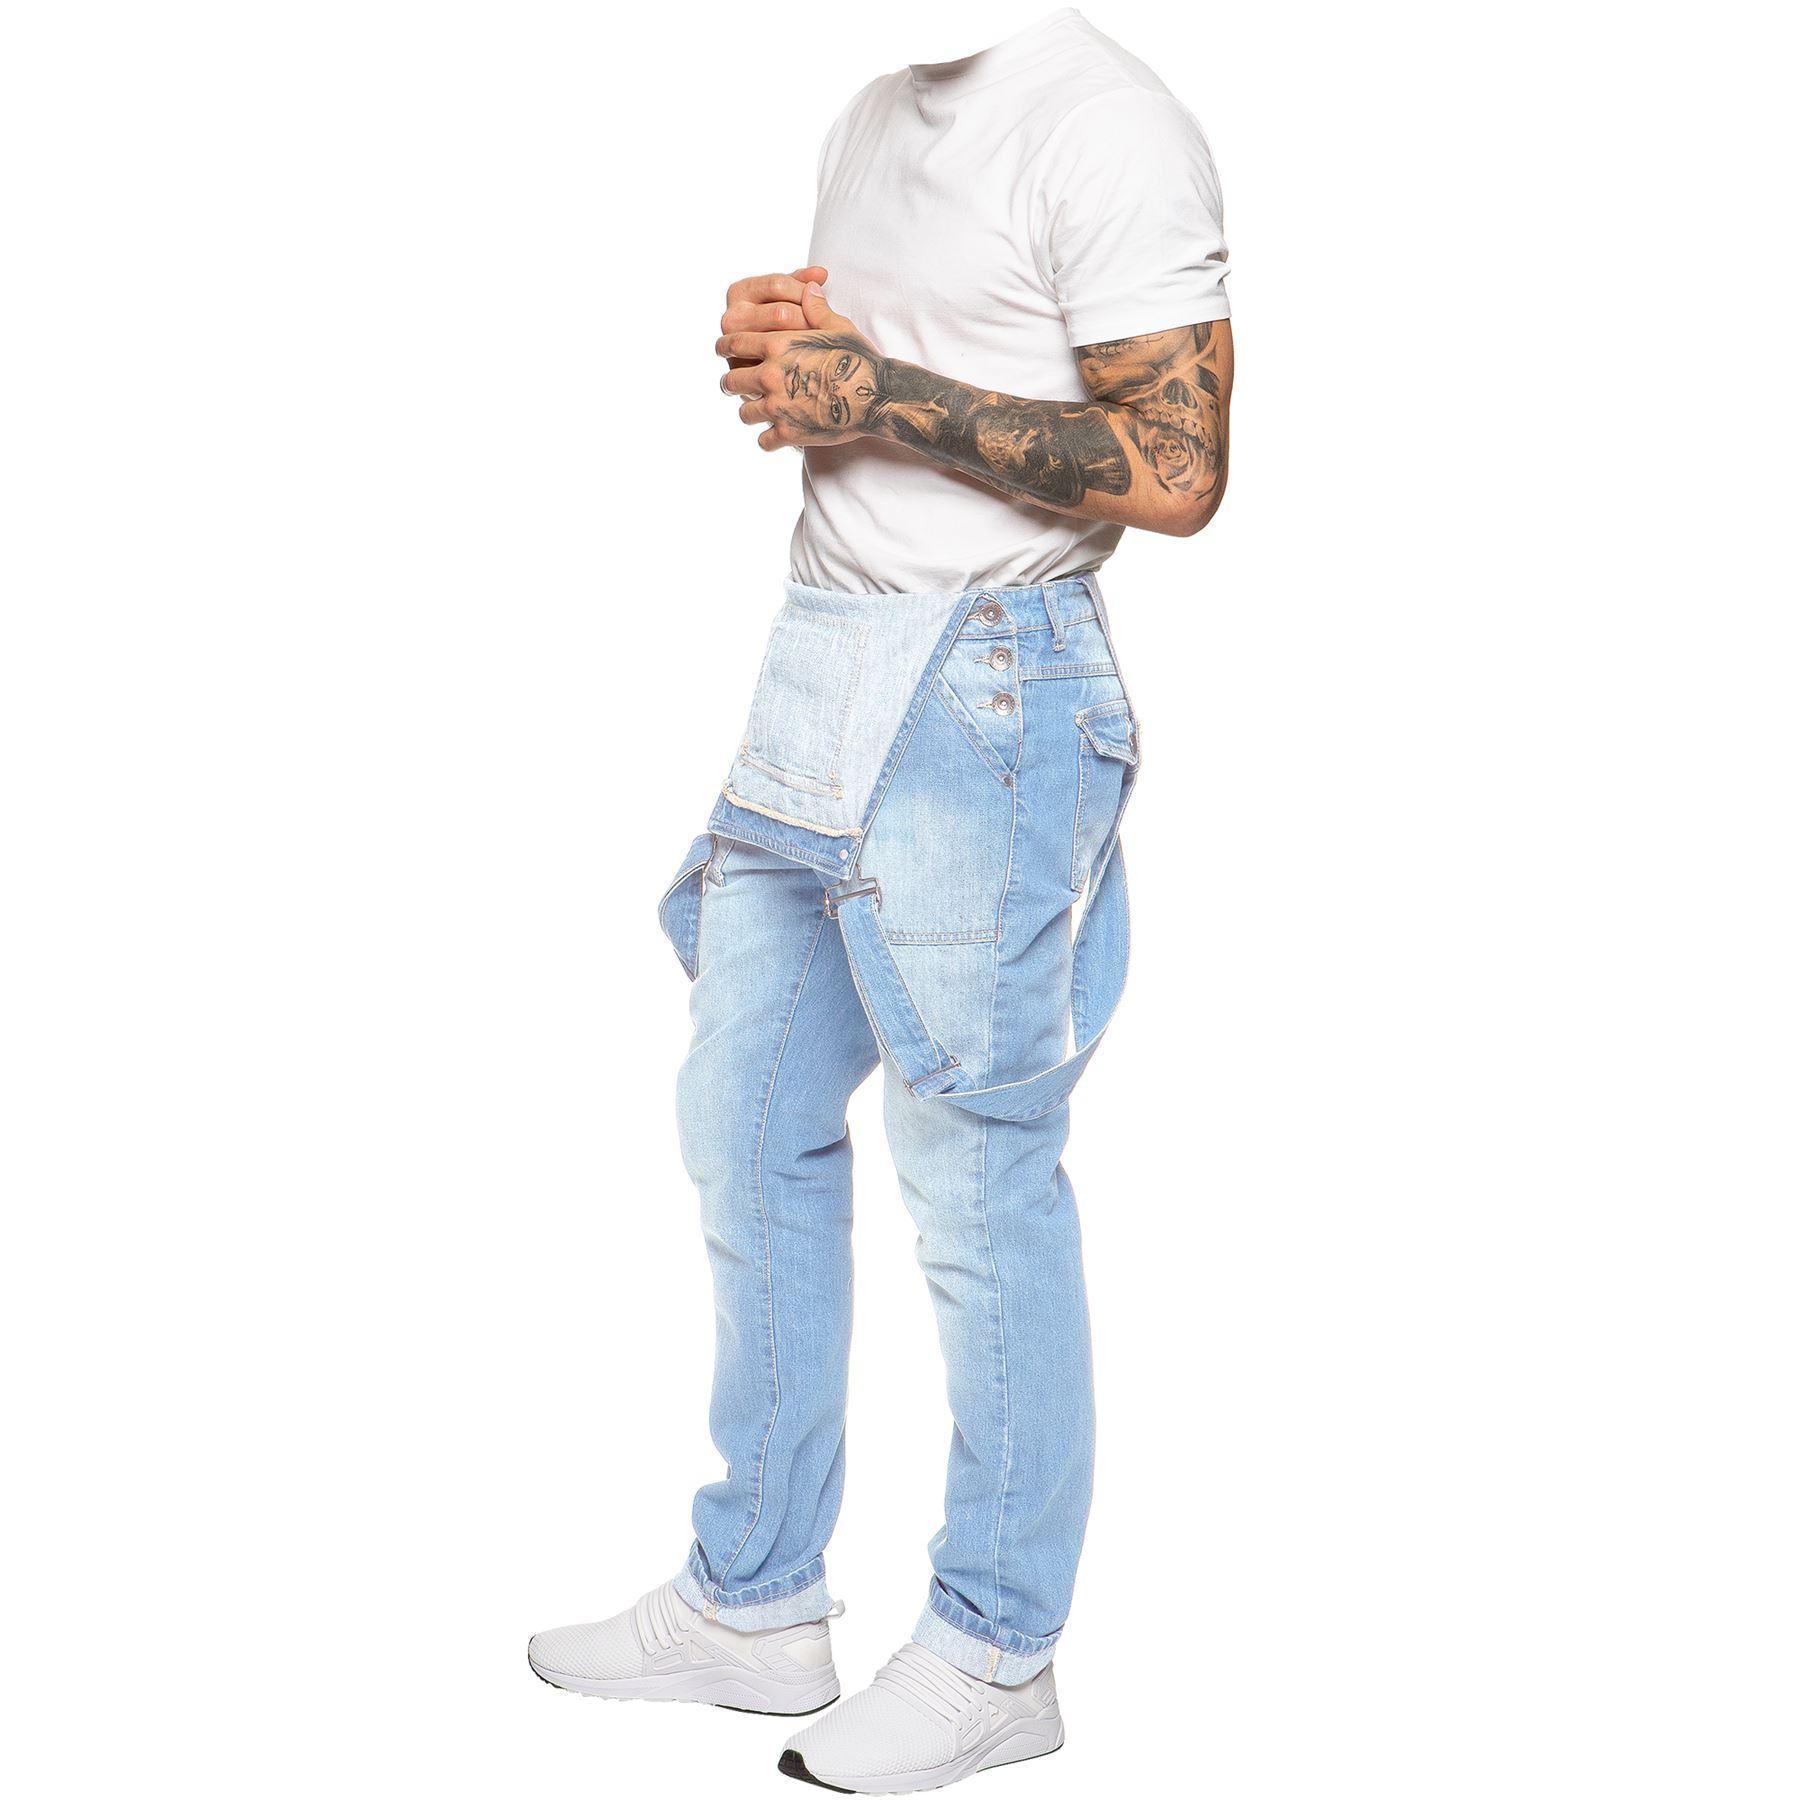 ENZO-Jeans-Hombre-Denim-Azul-Peto-Peto-overoles-Todas-Cinturas-Talla-30-034-50-034 miniatura 12